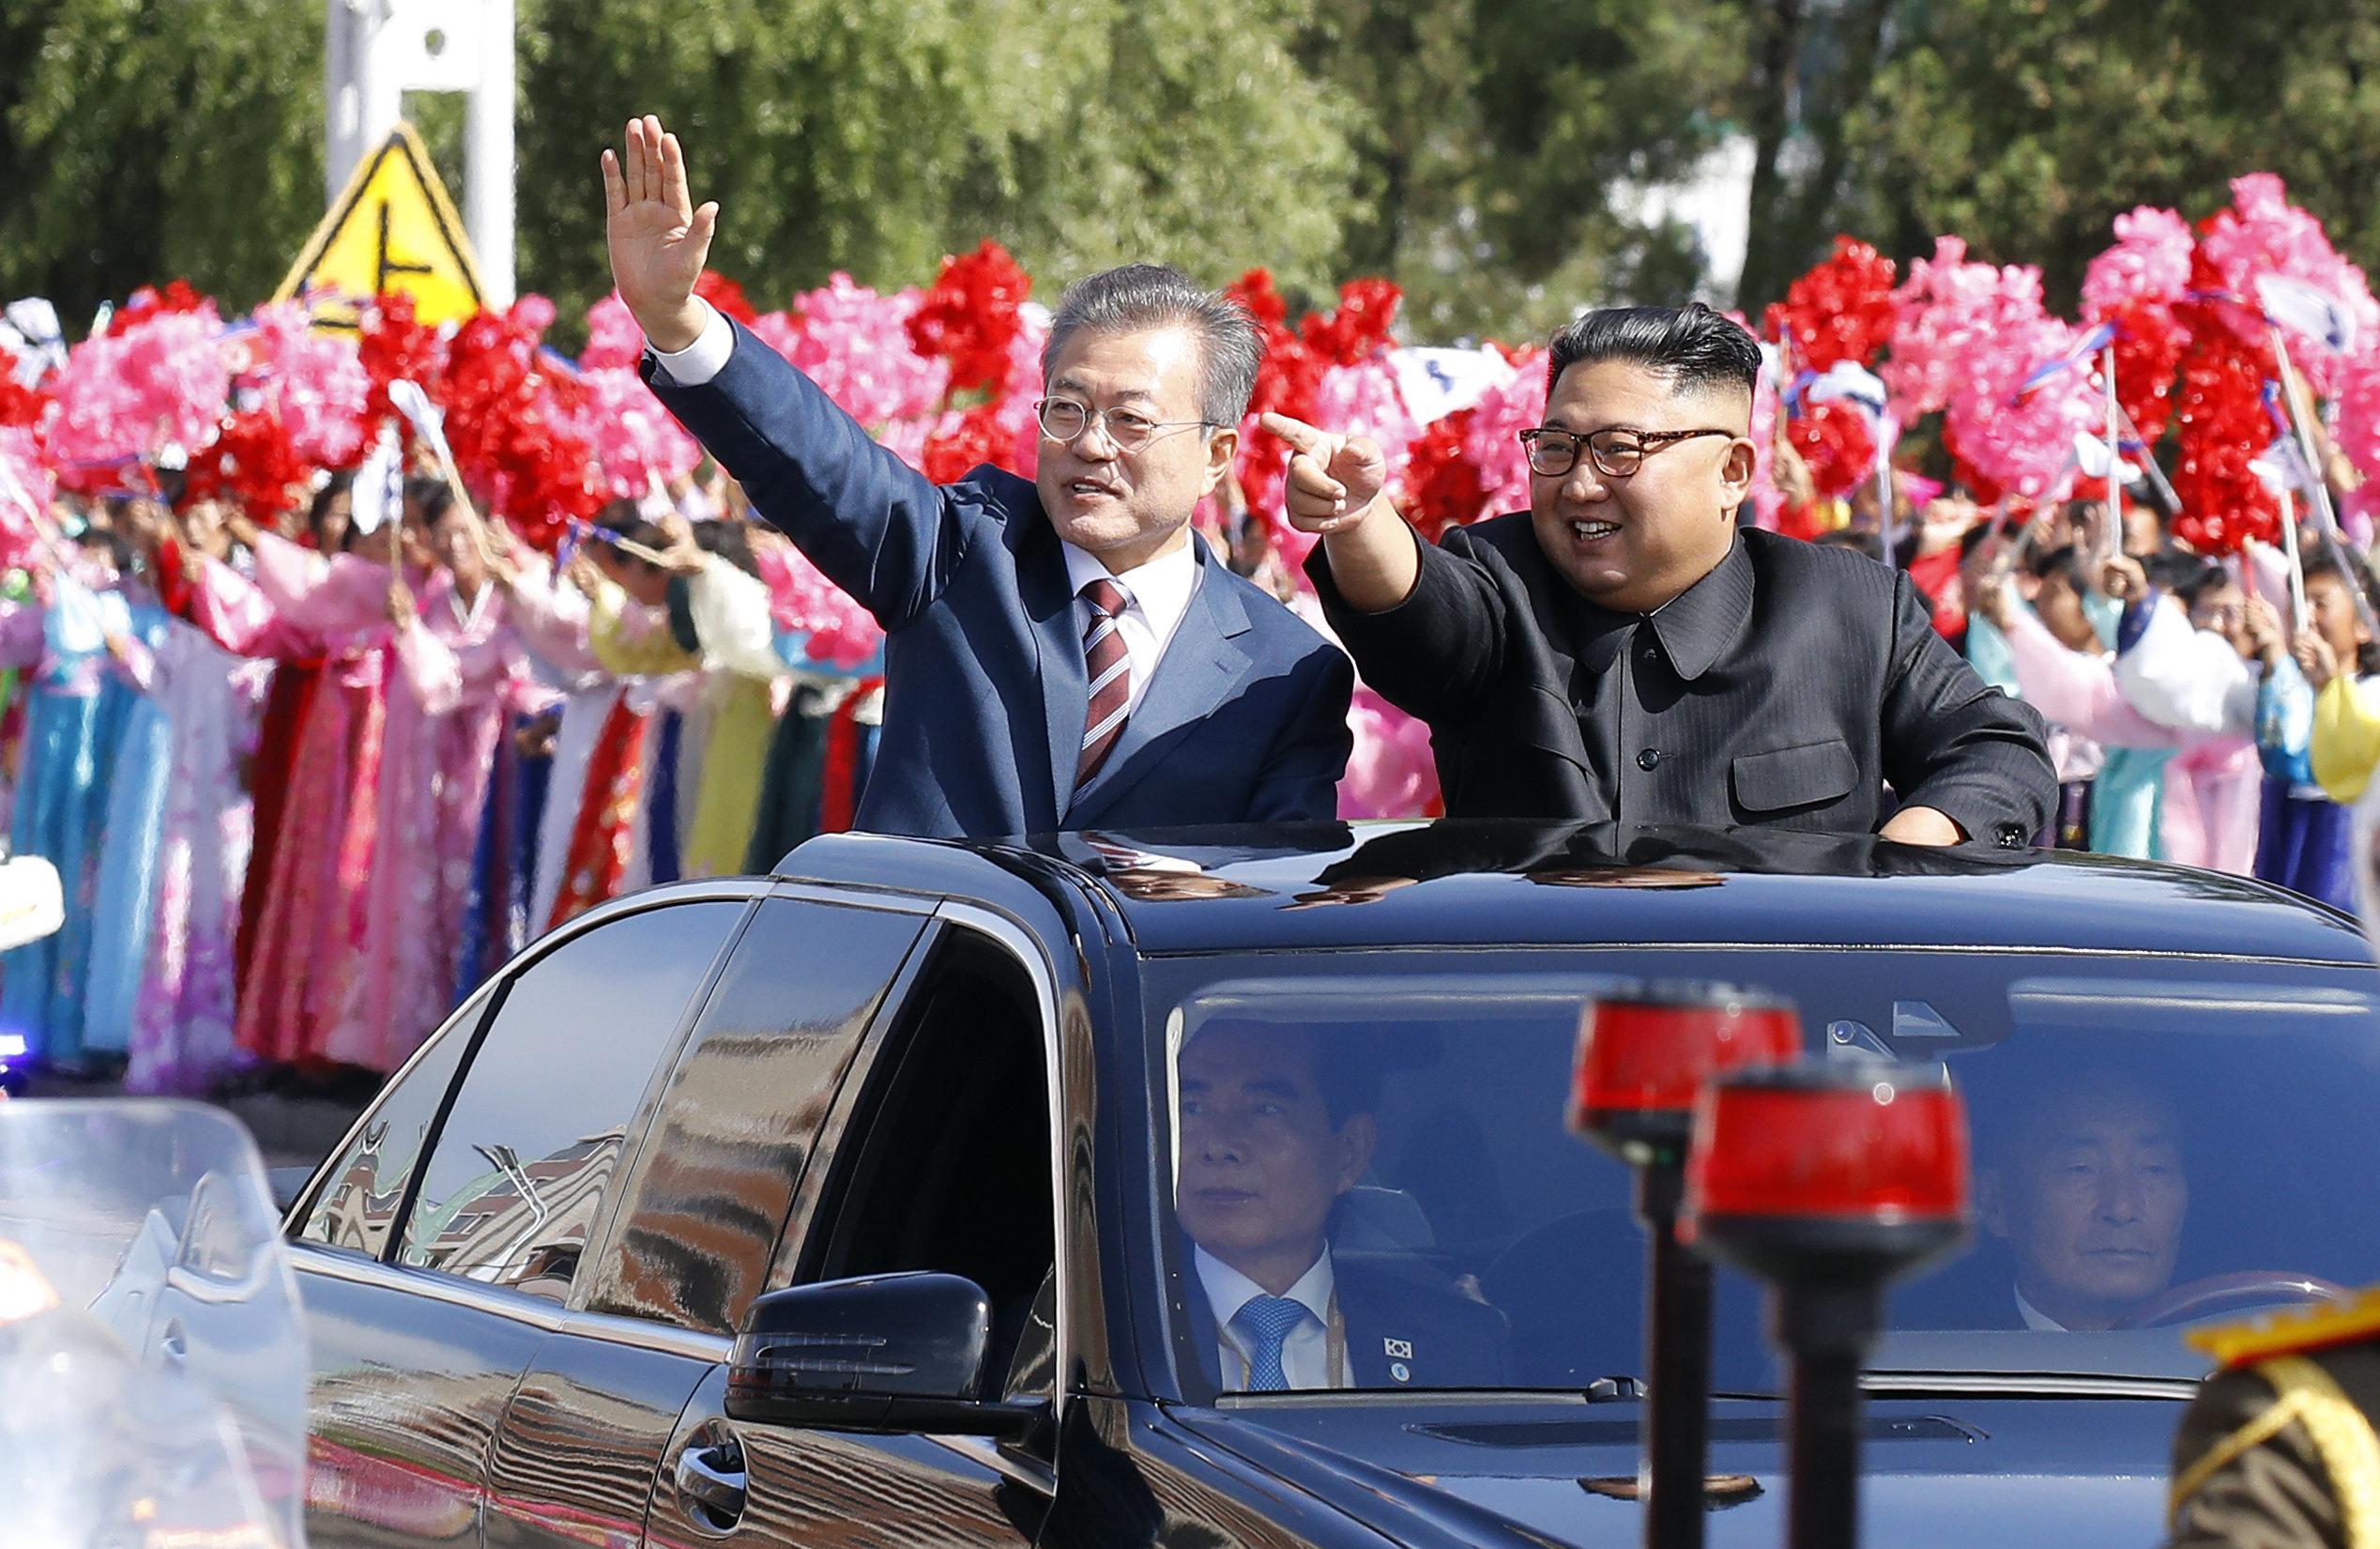 [남북정상회담] 남북 정상 '카퍼레이드'를 지켜본 평양 주민들의 모습 (화보)